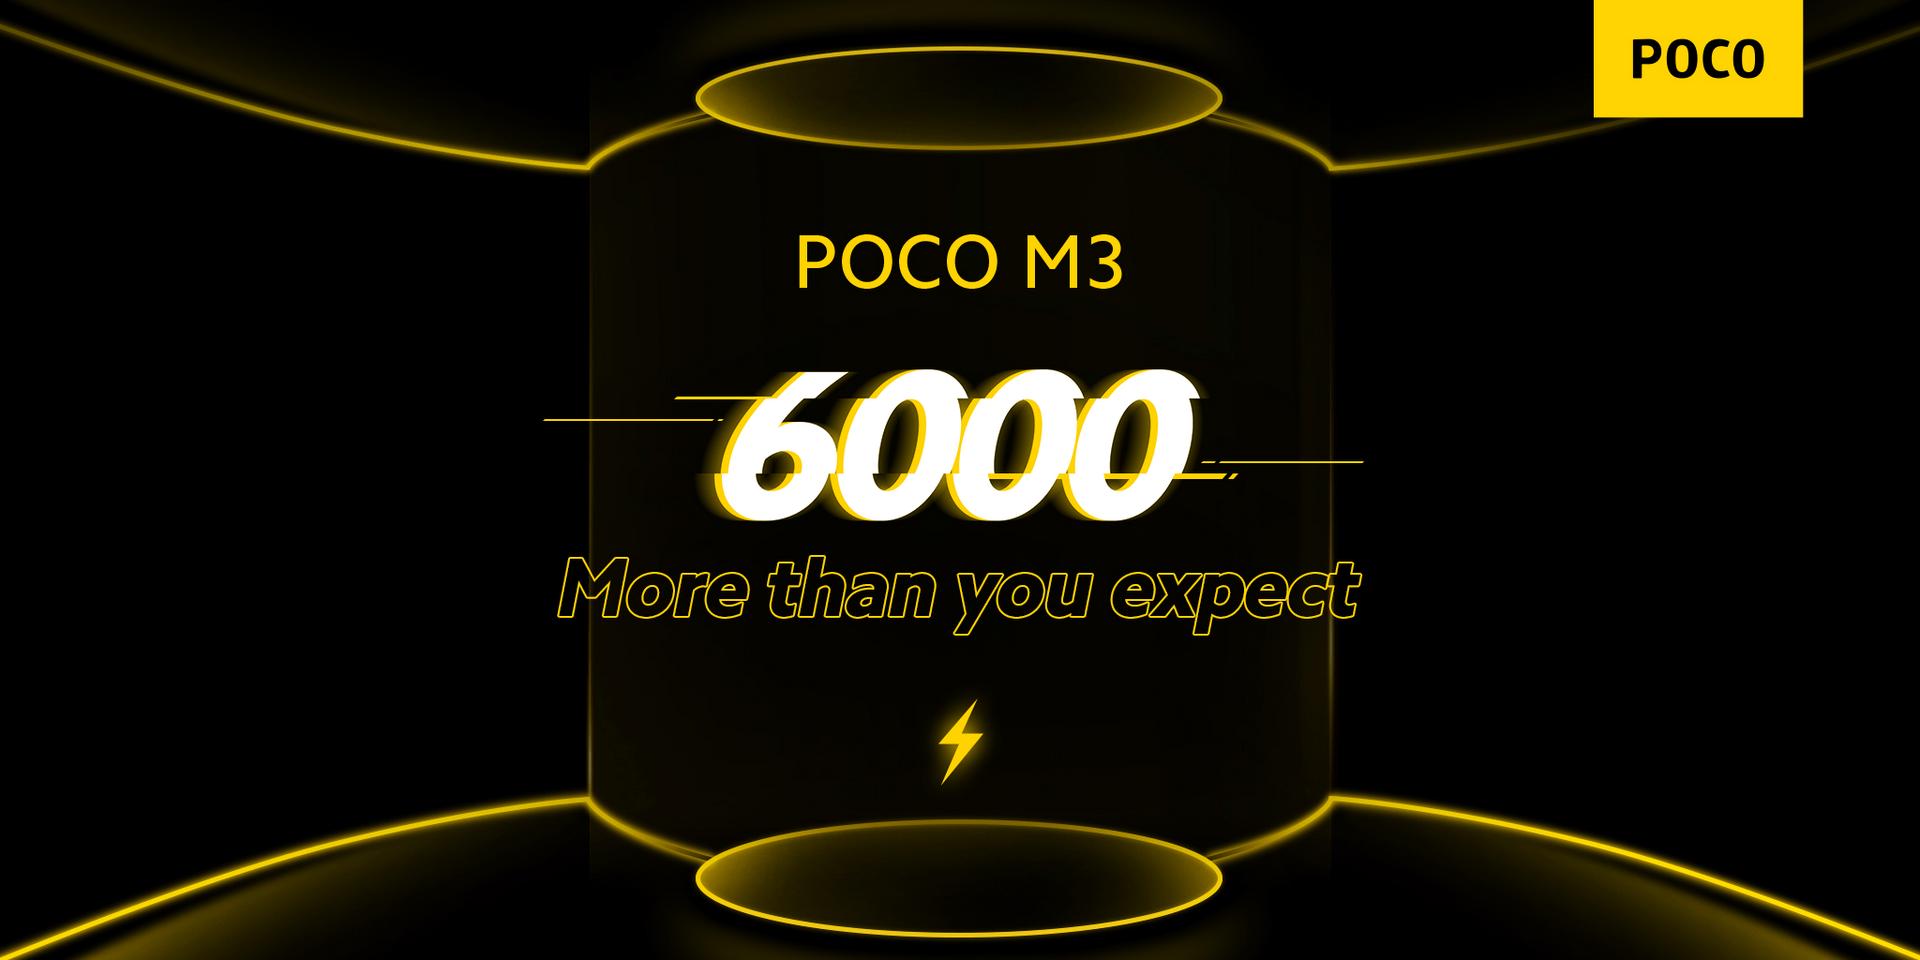 Das Poco M3 besitzt einen 6.000 mAh großen Akku